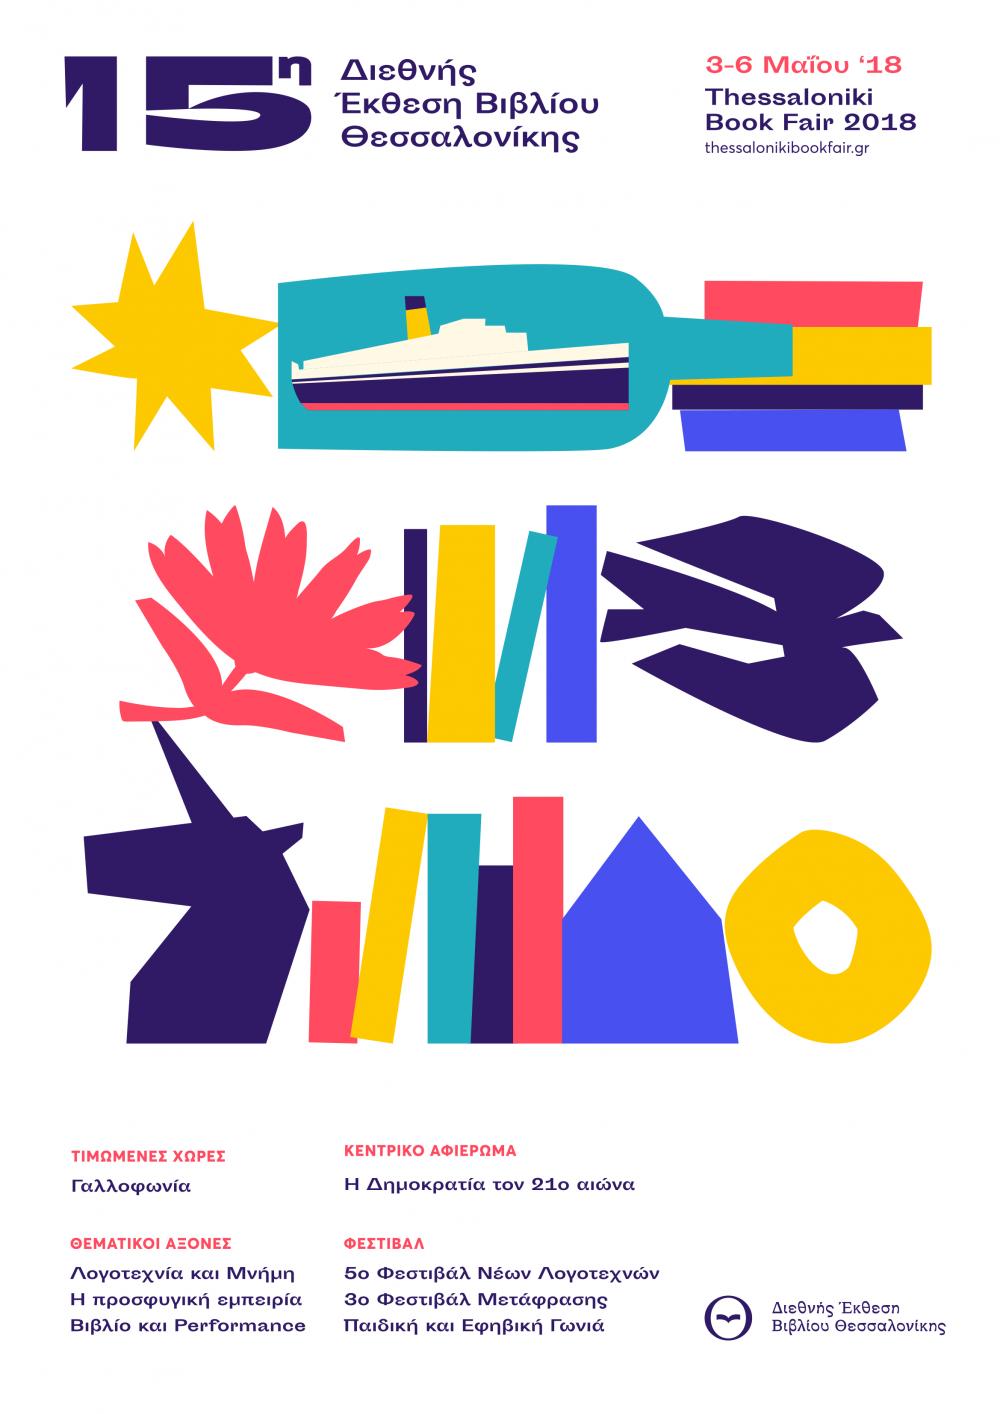 Αποτέλεσμα εικόνας για έκθεση βιβλίου θεσσαλονίκης 2018